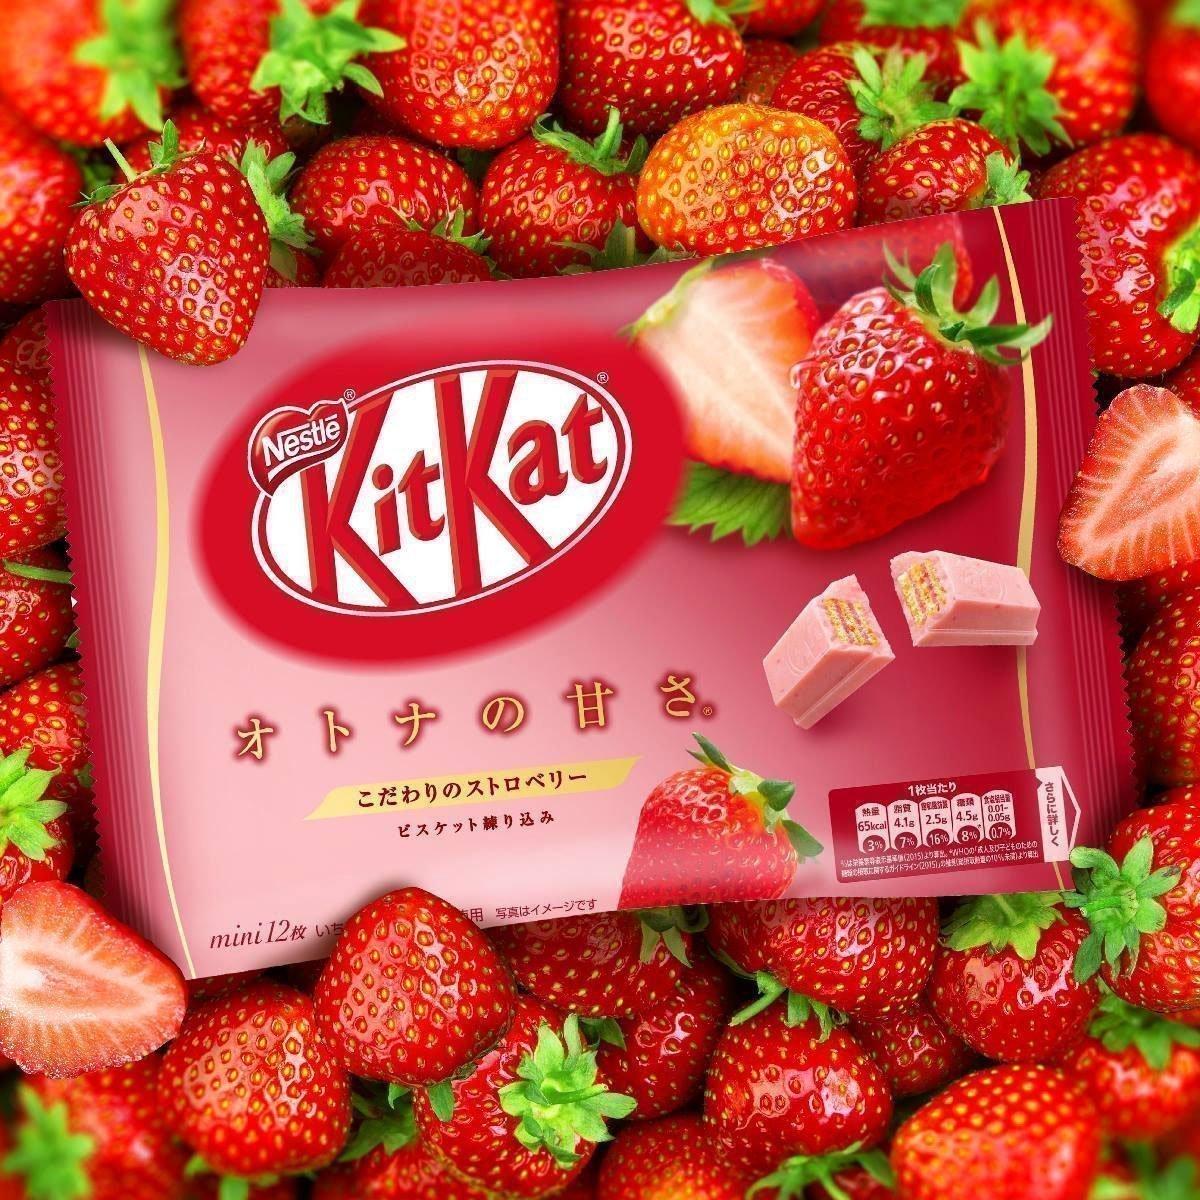 KIT KAT Mini Strawberry